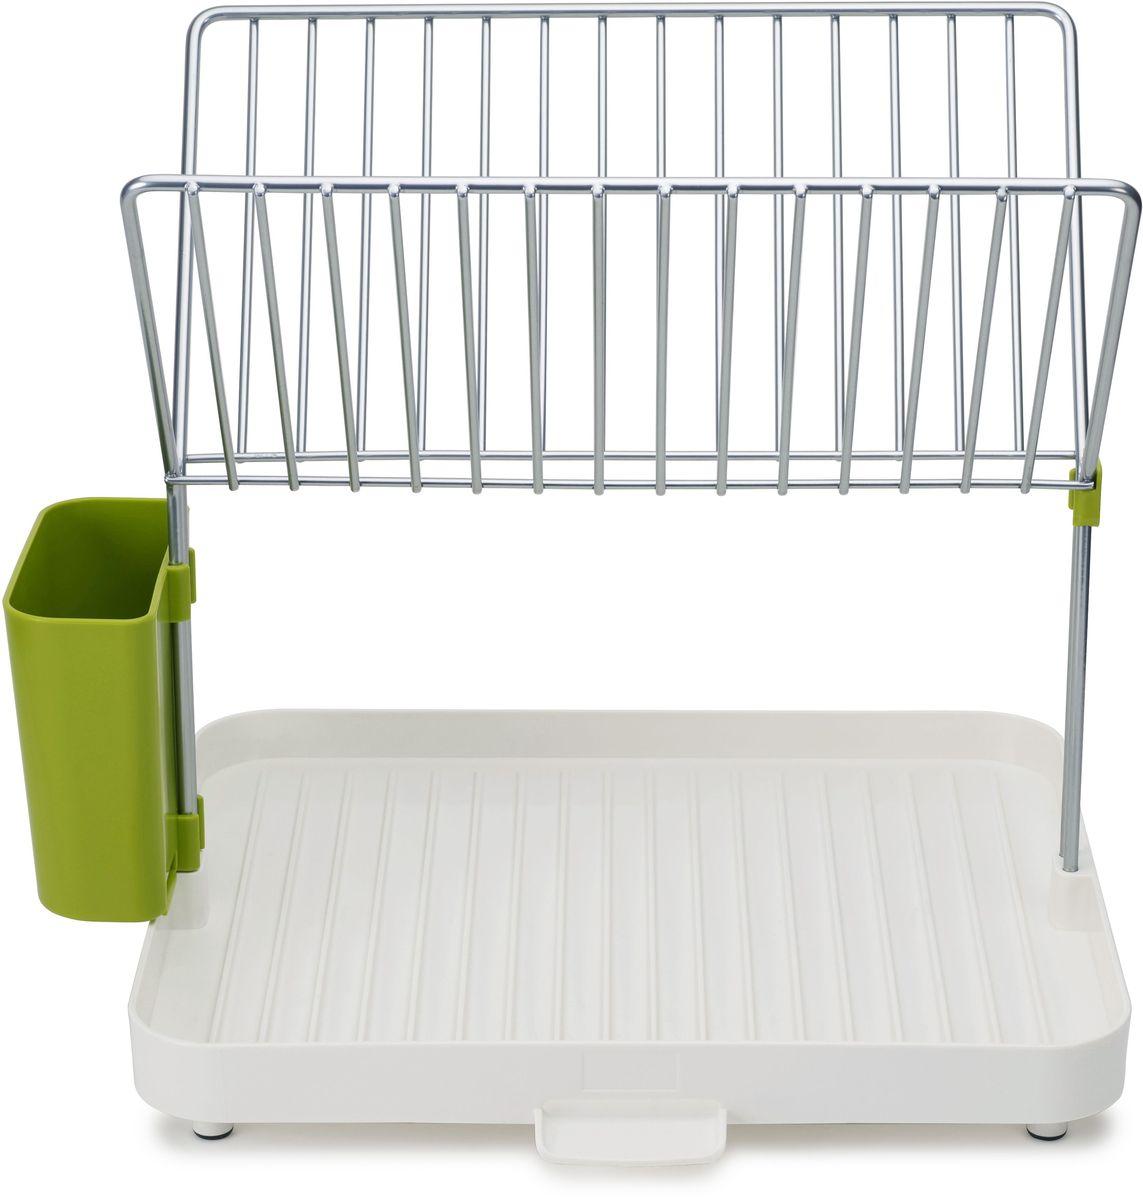 Сушилка для посуды и столовых приборов Joseph Joseph Y-rack, 2-уровневая, со сливом, 36,5 х 30,4 х 28,2 смVT-1520(SR)Сушилка для посуды и столовых приборов Joseph Joseph Y-rack- эргономичная сушилка для посуды, позволяющая сэкономить место на кухне. Двухуровневая конструкция состоит из устойчивого основания для кастрюль, сковородок и чашек и из верхней решетки, вмещающей до 15 тарелок и блюдец. Объемное отделение со сливом предоставляет возможность тщательно осушить до 4 комплектов посуды — и все это на минимальном участке пространства. Вода свободно стекает по желобкам, расположенным у основания под наклоном, а встроенный носик позволяет быстро сливать жидкость прямо в раковину. Нескользящие ножки обеспечивают устойчивость. Конструкция разбирается на части для легкой очистки.Инструкции по сборке идут в комплекте.